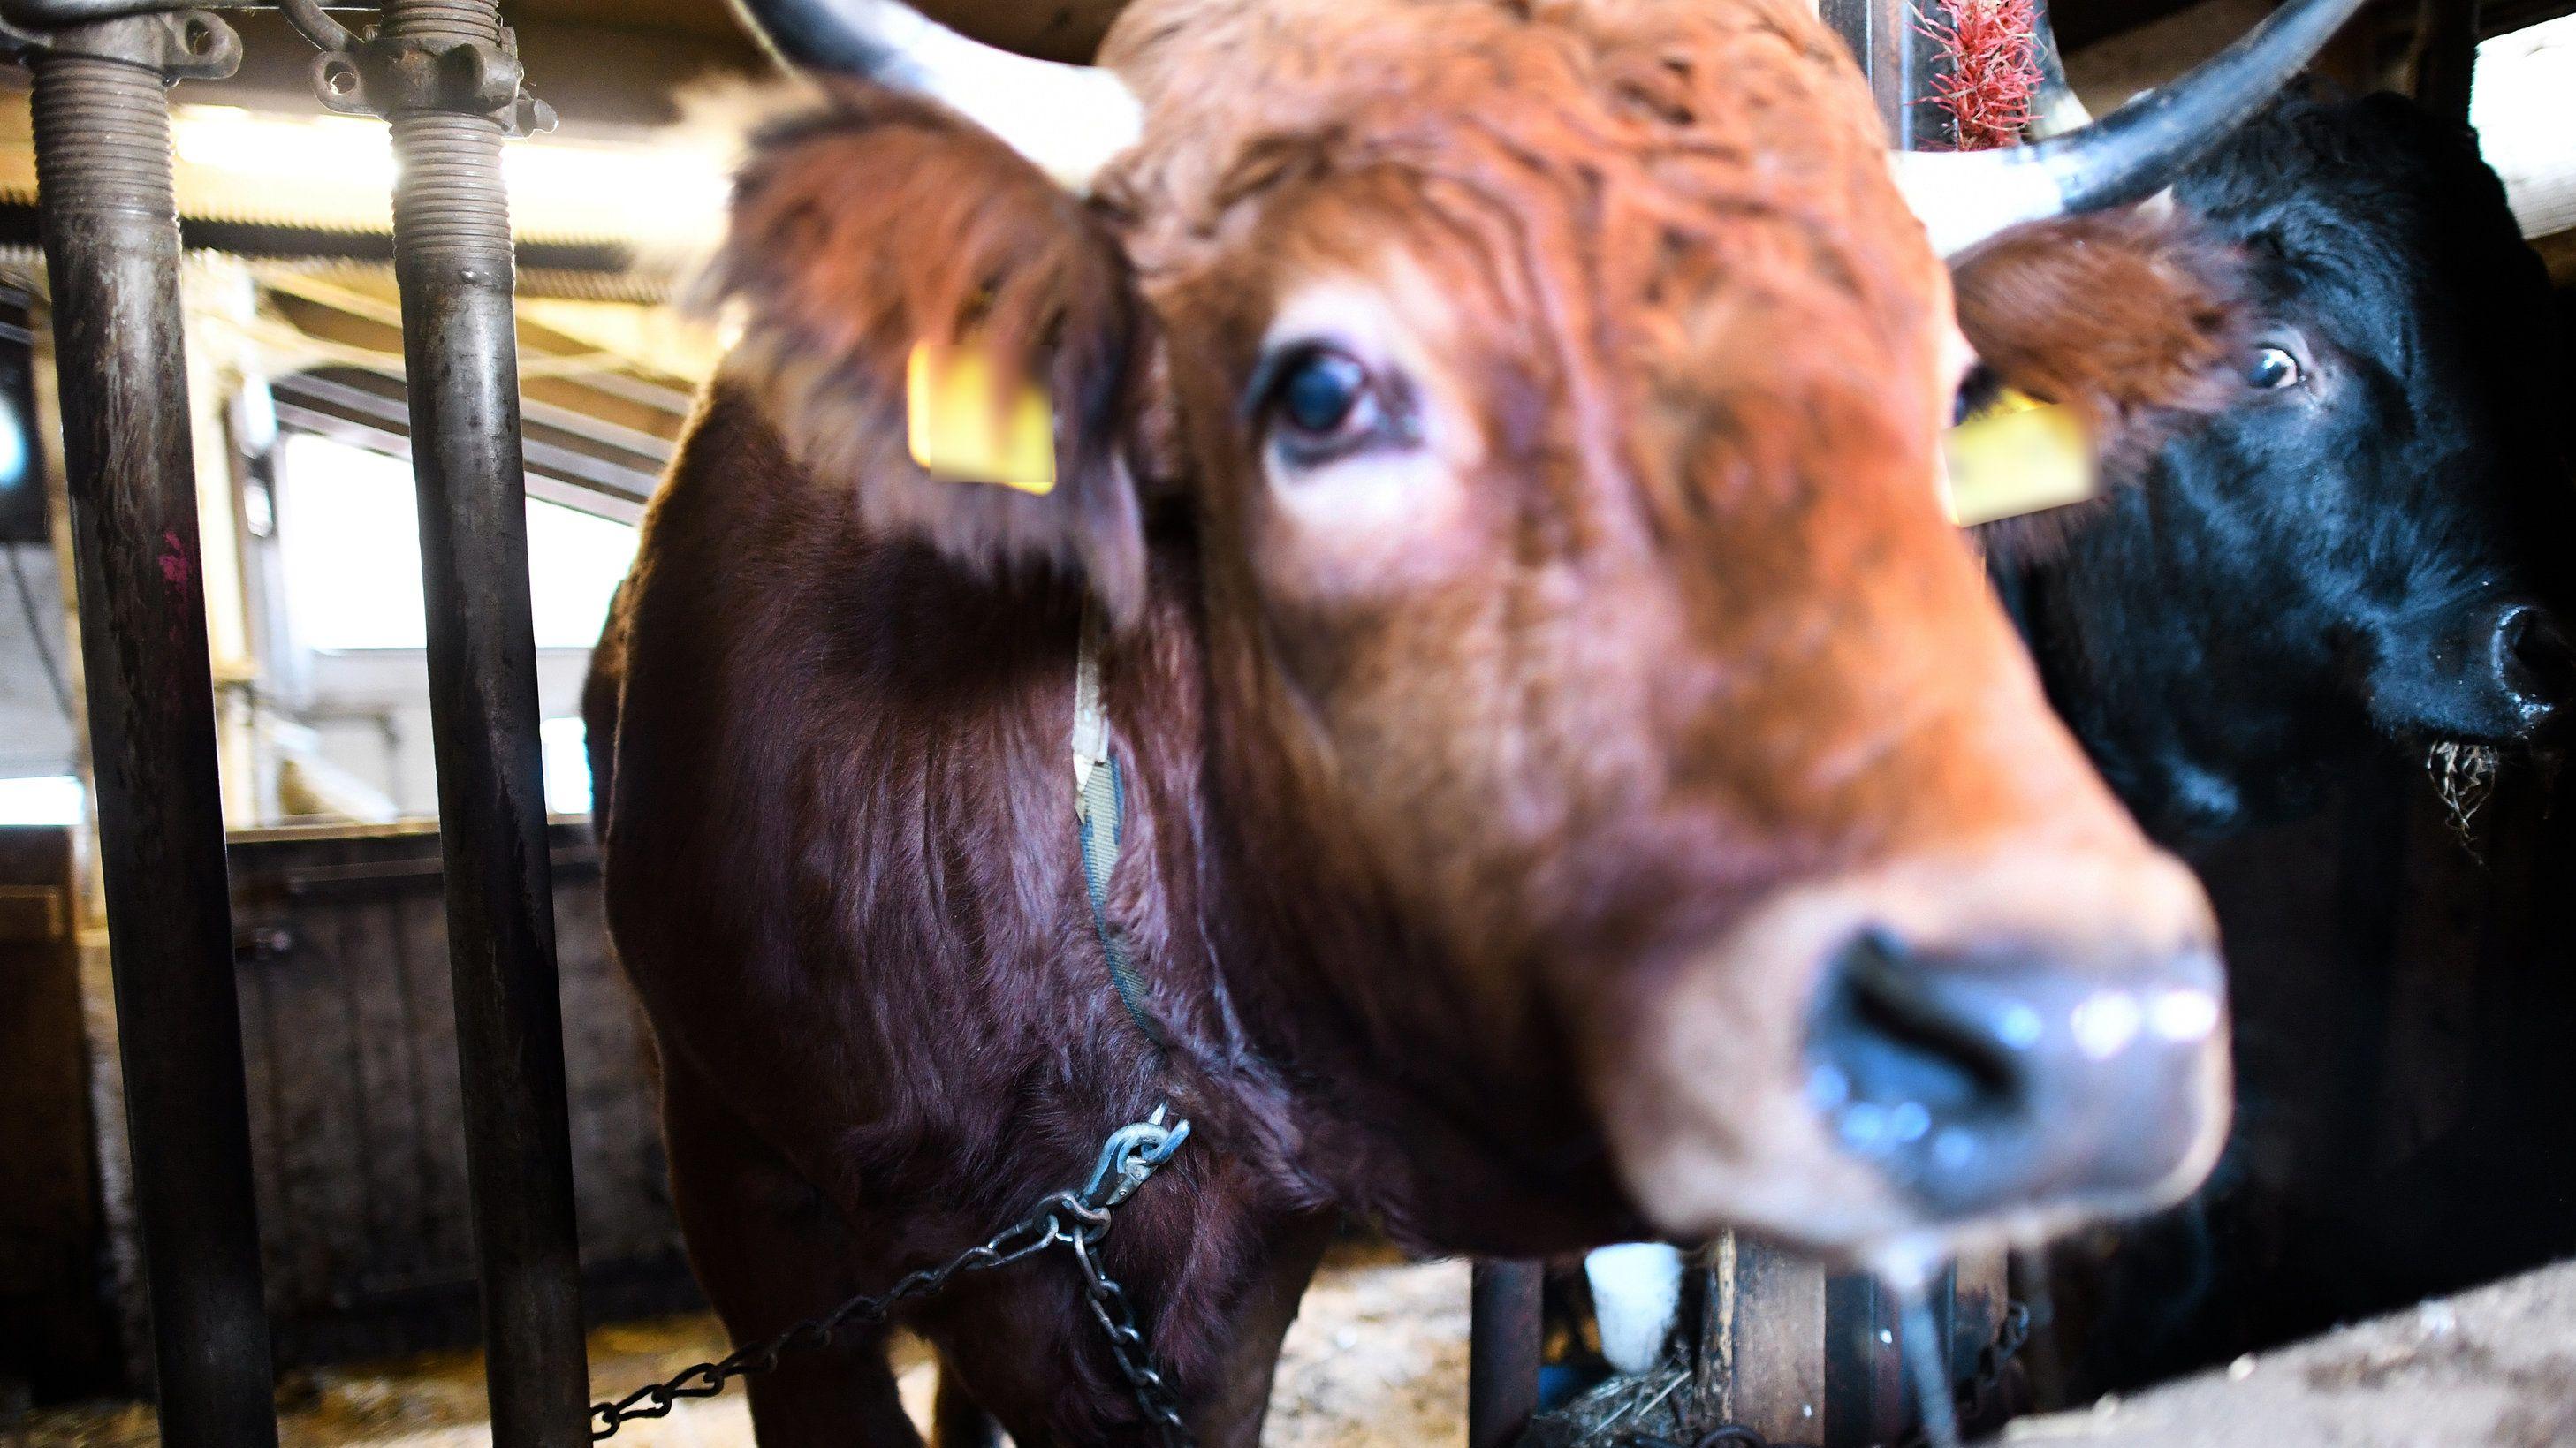 Das Gebiet um Garmisch-Partenkirchen will Teil des UNESCO-Welterbes werden. Die Weiden, Kühe und Bauern sollen geschützt werden. Dazu gehört aus Sicht der Bewerber auch die Anbindehaltung der Kühe im Winter. Tierschützer kritisieren das nun scharf.